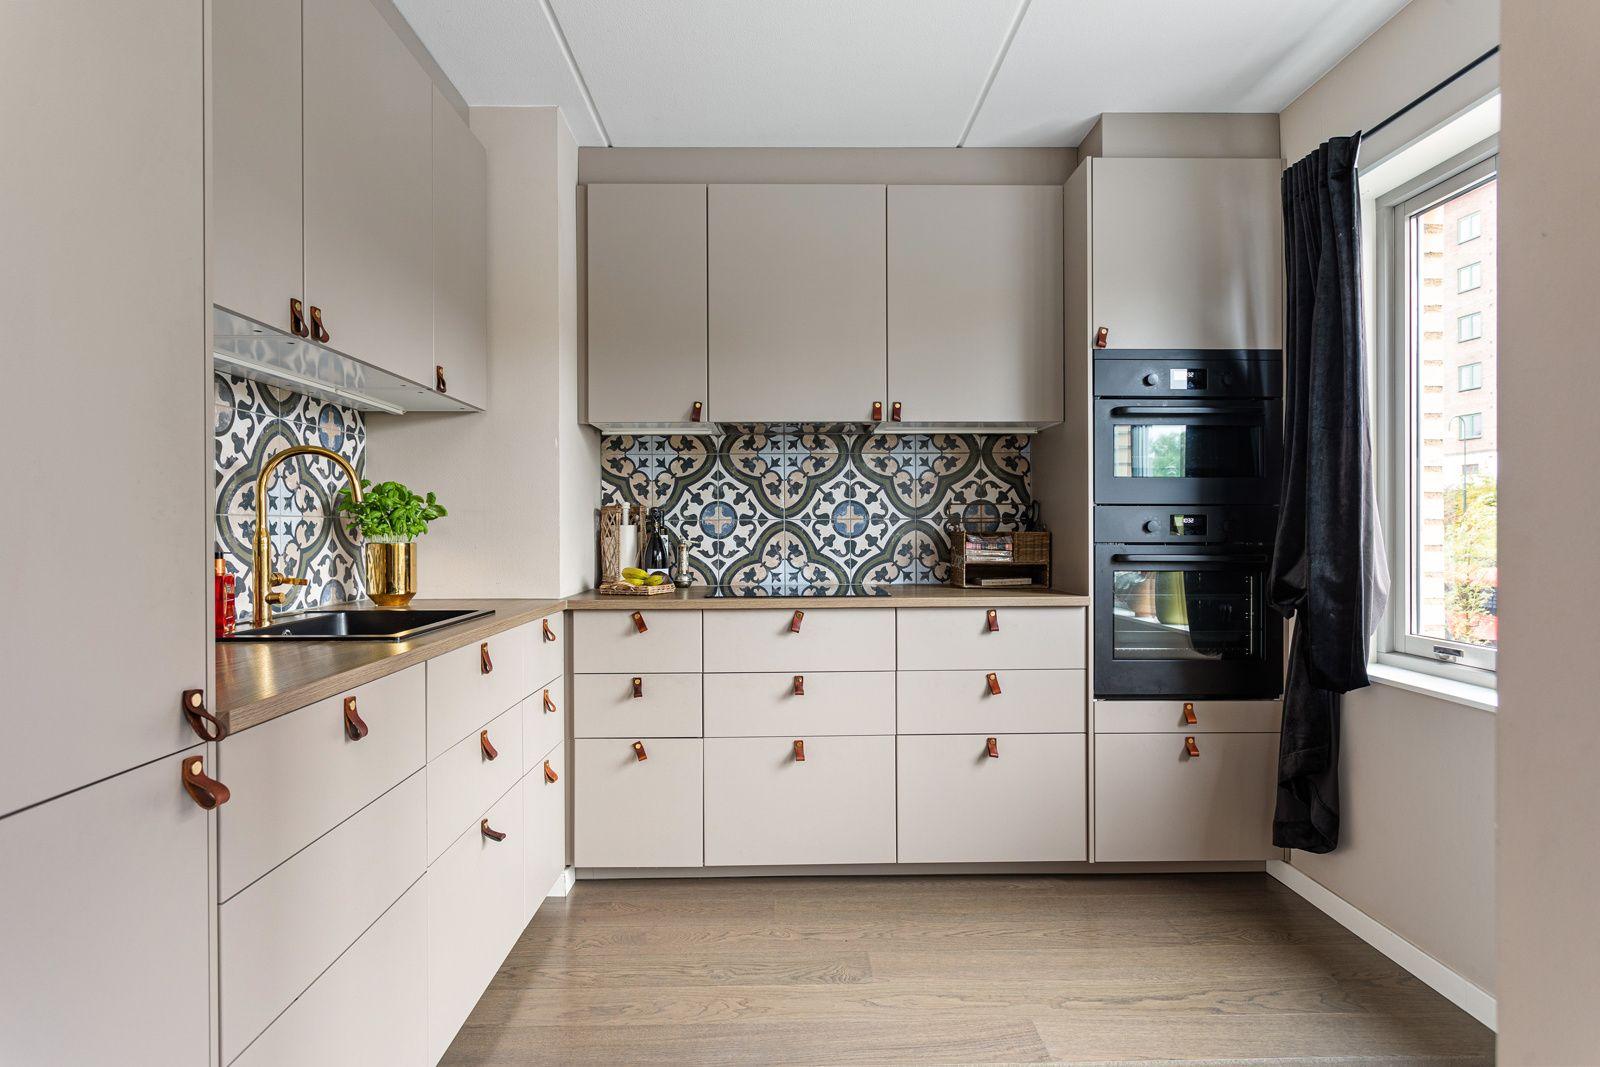 Jordalgata 2 Romslig kjøkken med lys, pen innredning (2018) og god skap- og benkeplass.